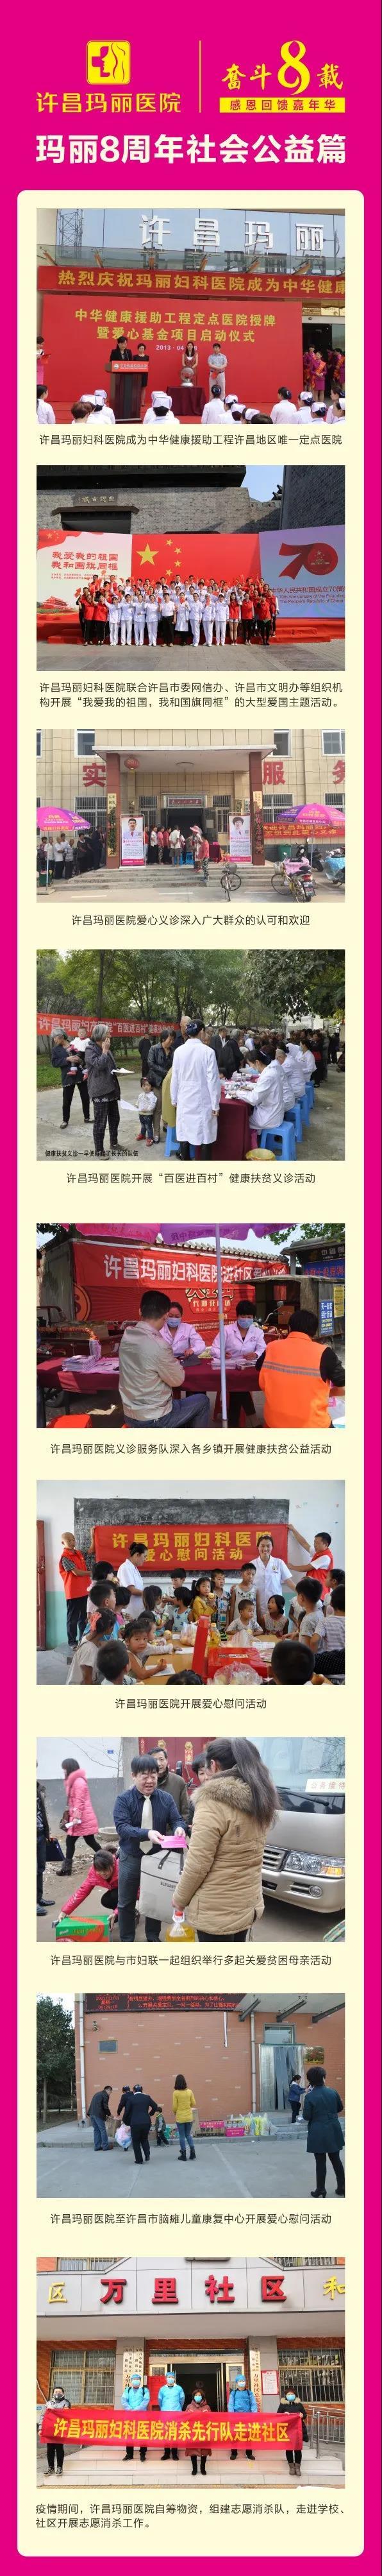 许昌玛丽医院社会公益